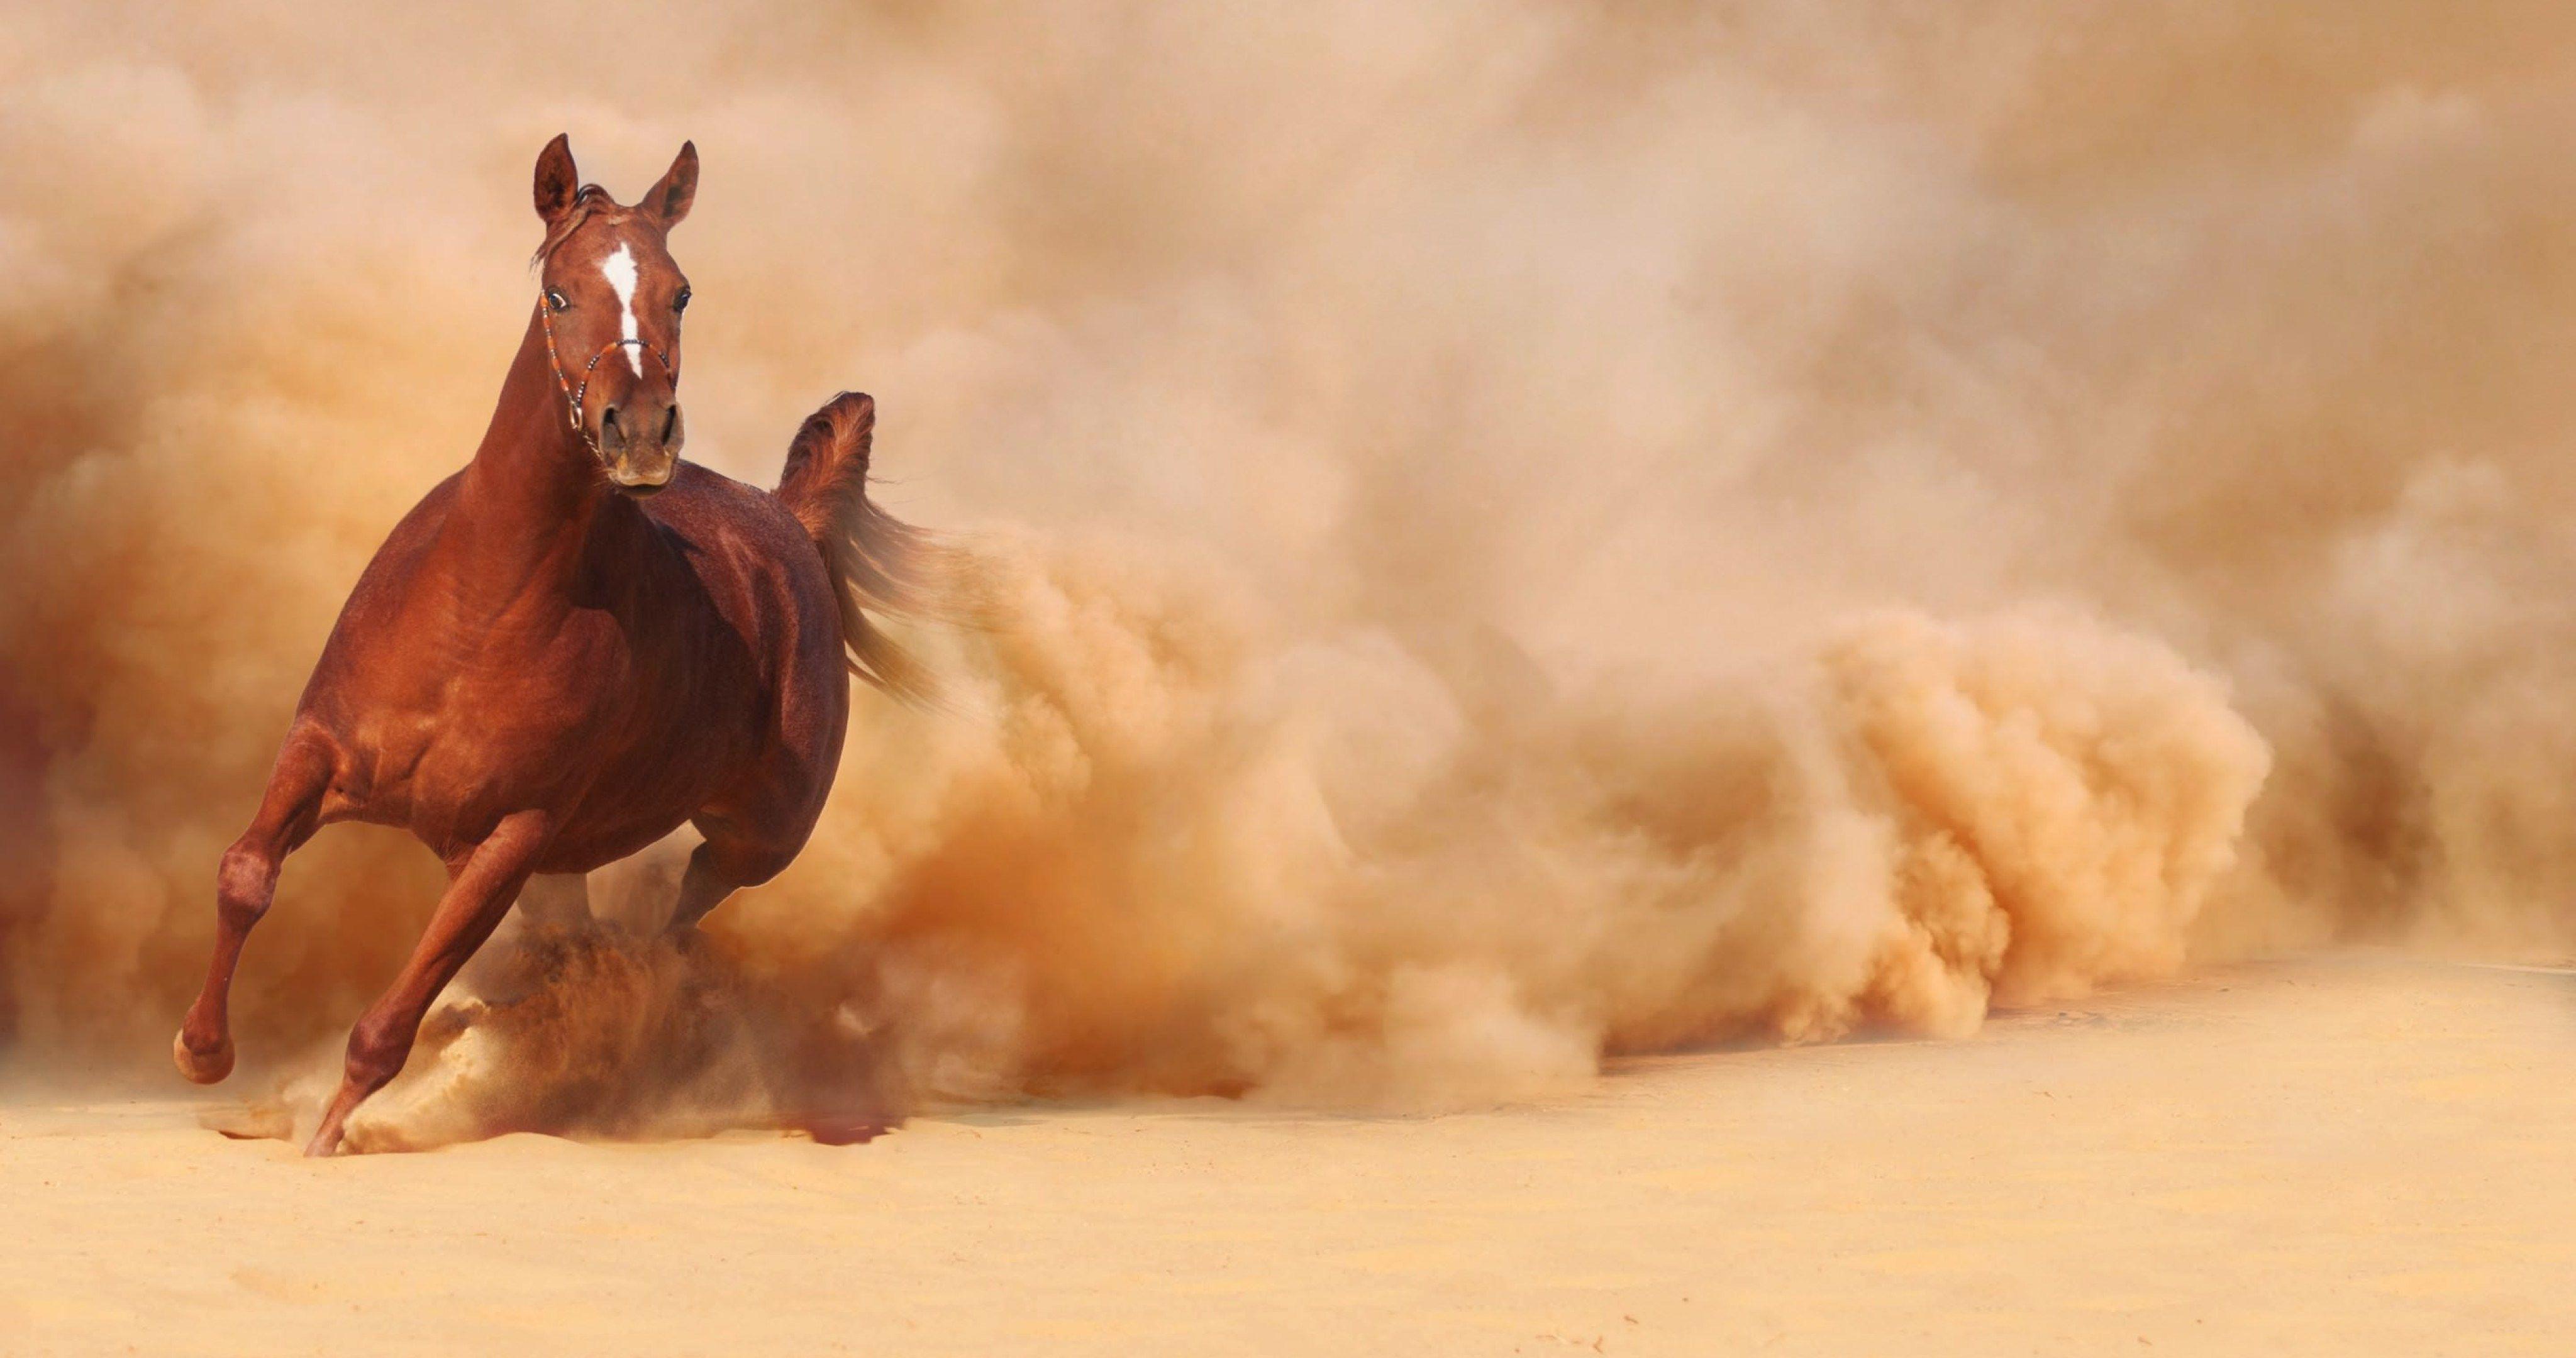 Great Wallpaper Horse Ultra Hd - 26d0237d7031a83f562cff0039ee0a78  Pic_605811.jpg